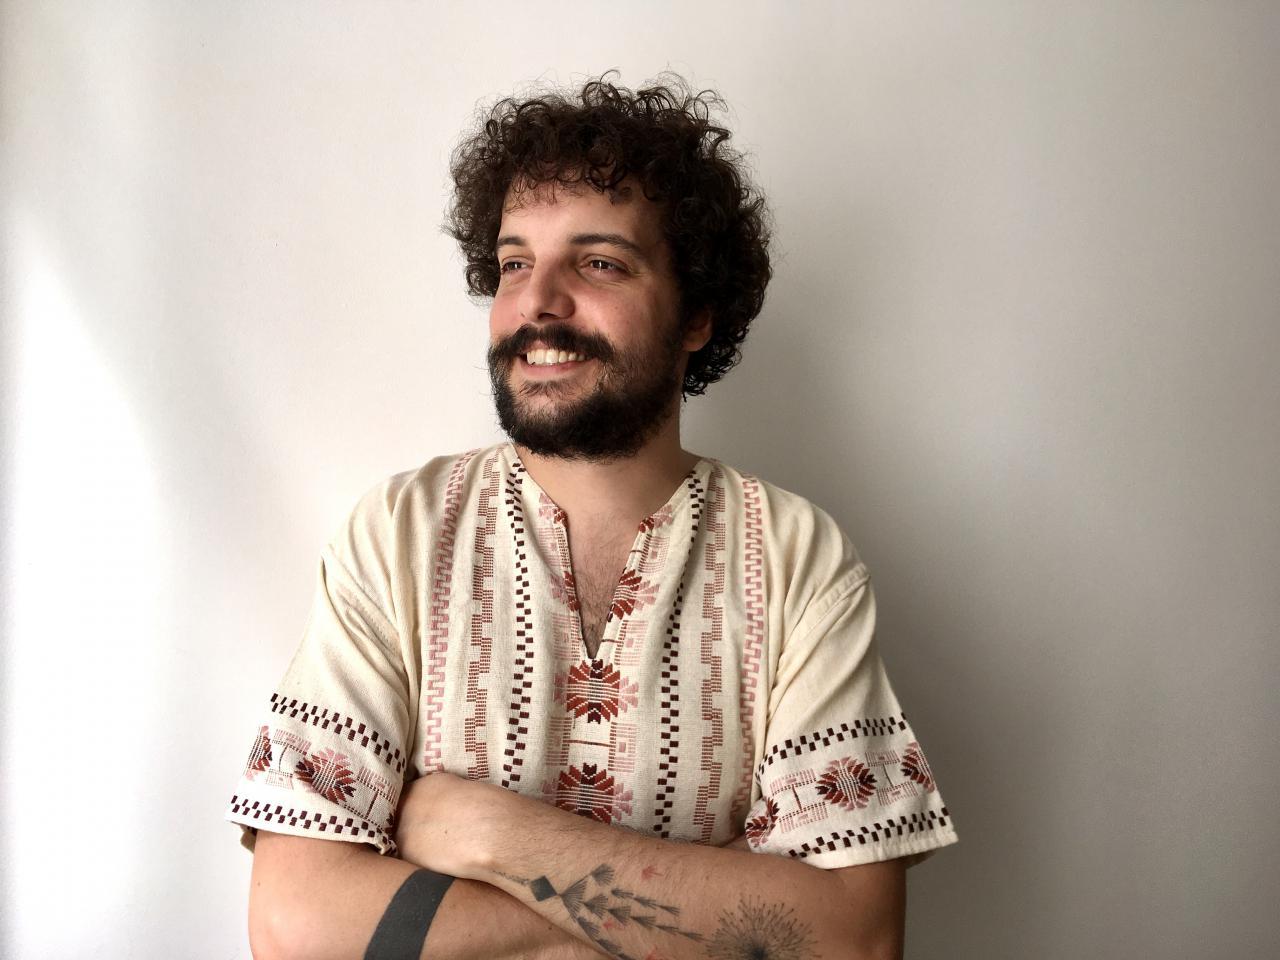 Portrait of Bernardo Pontes